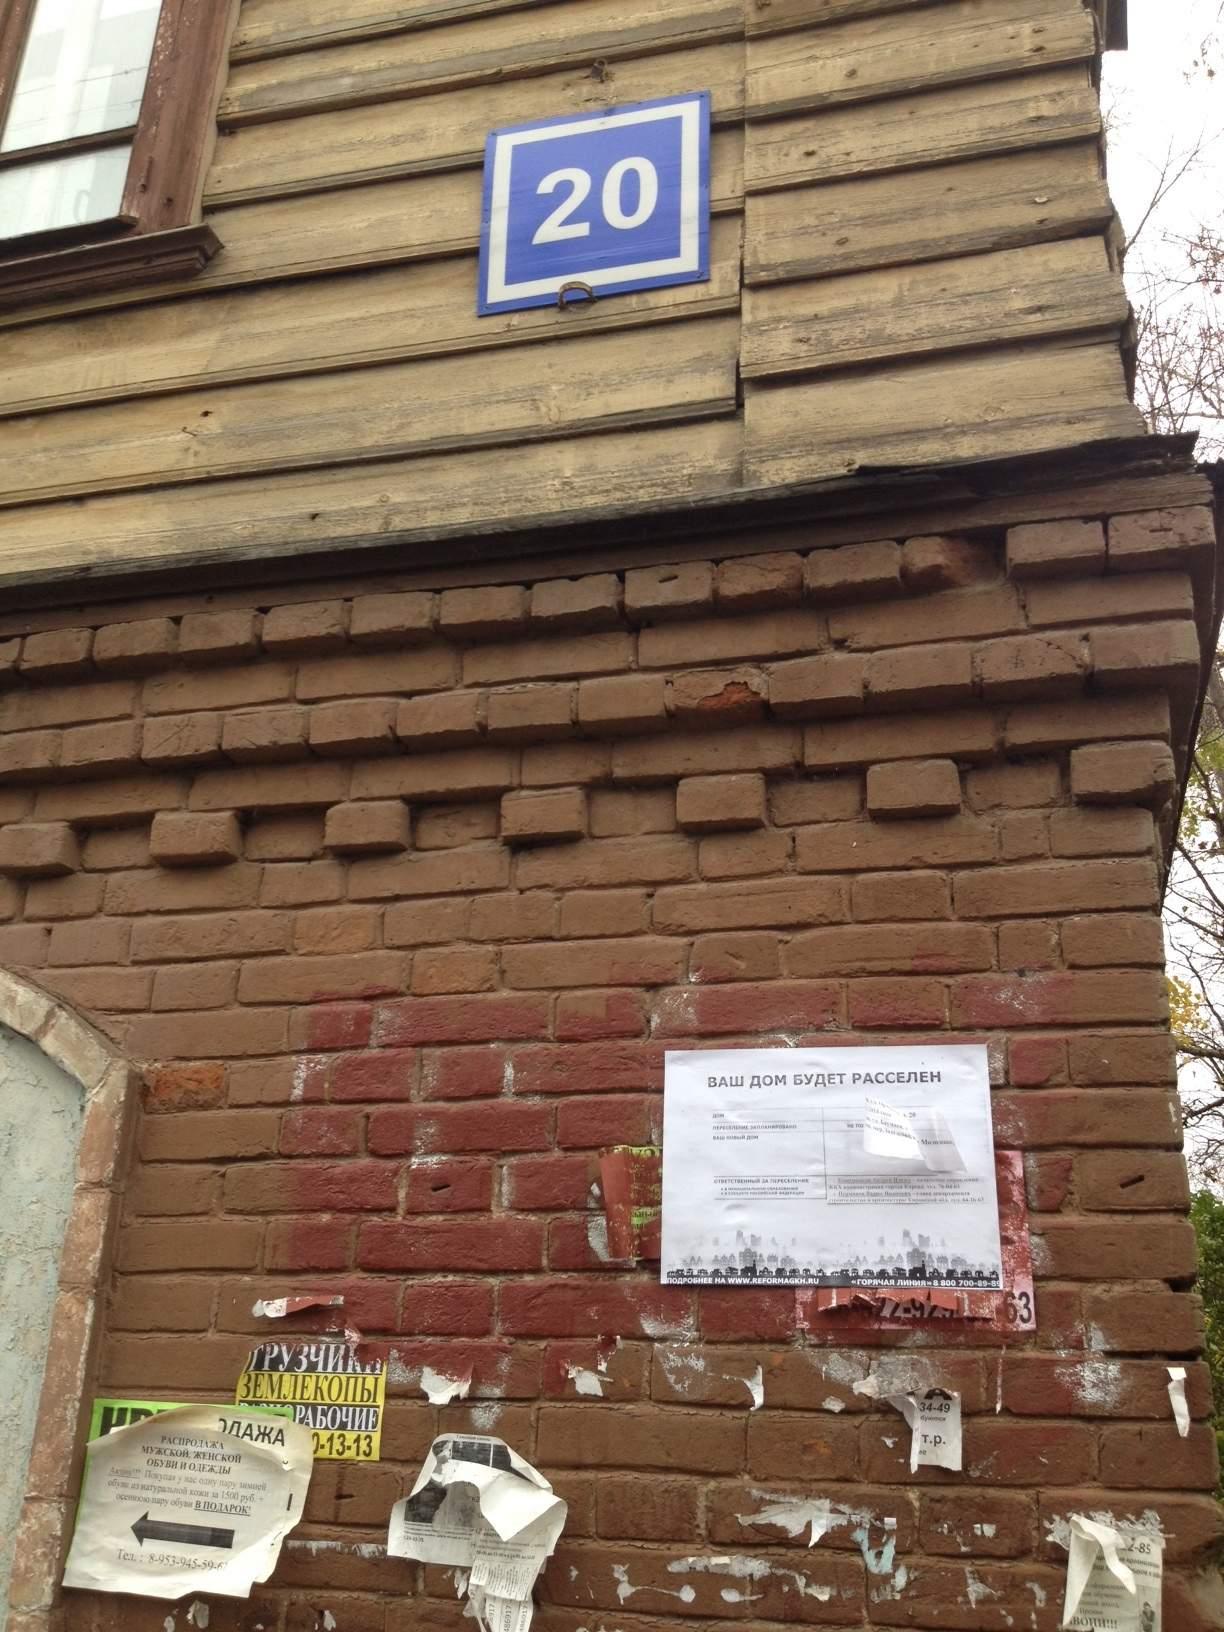 ОНФ проконтролирует обещание администрации г. Кирова повторно повесить информационные таблички на аварийные дома.